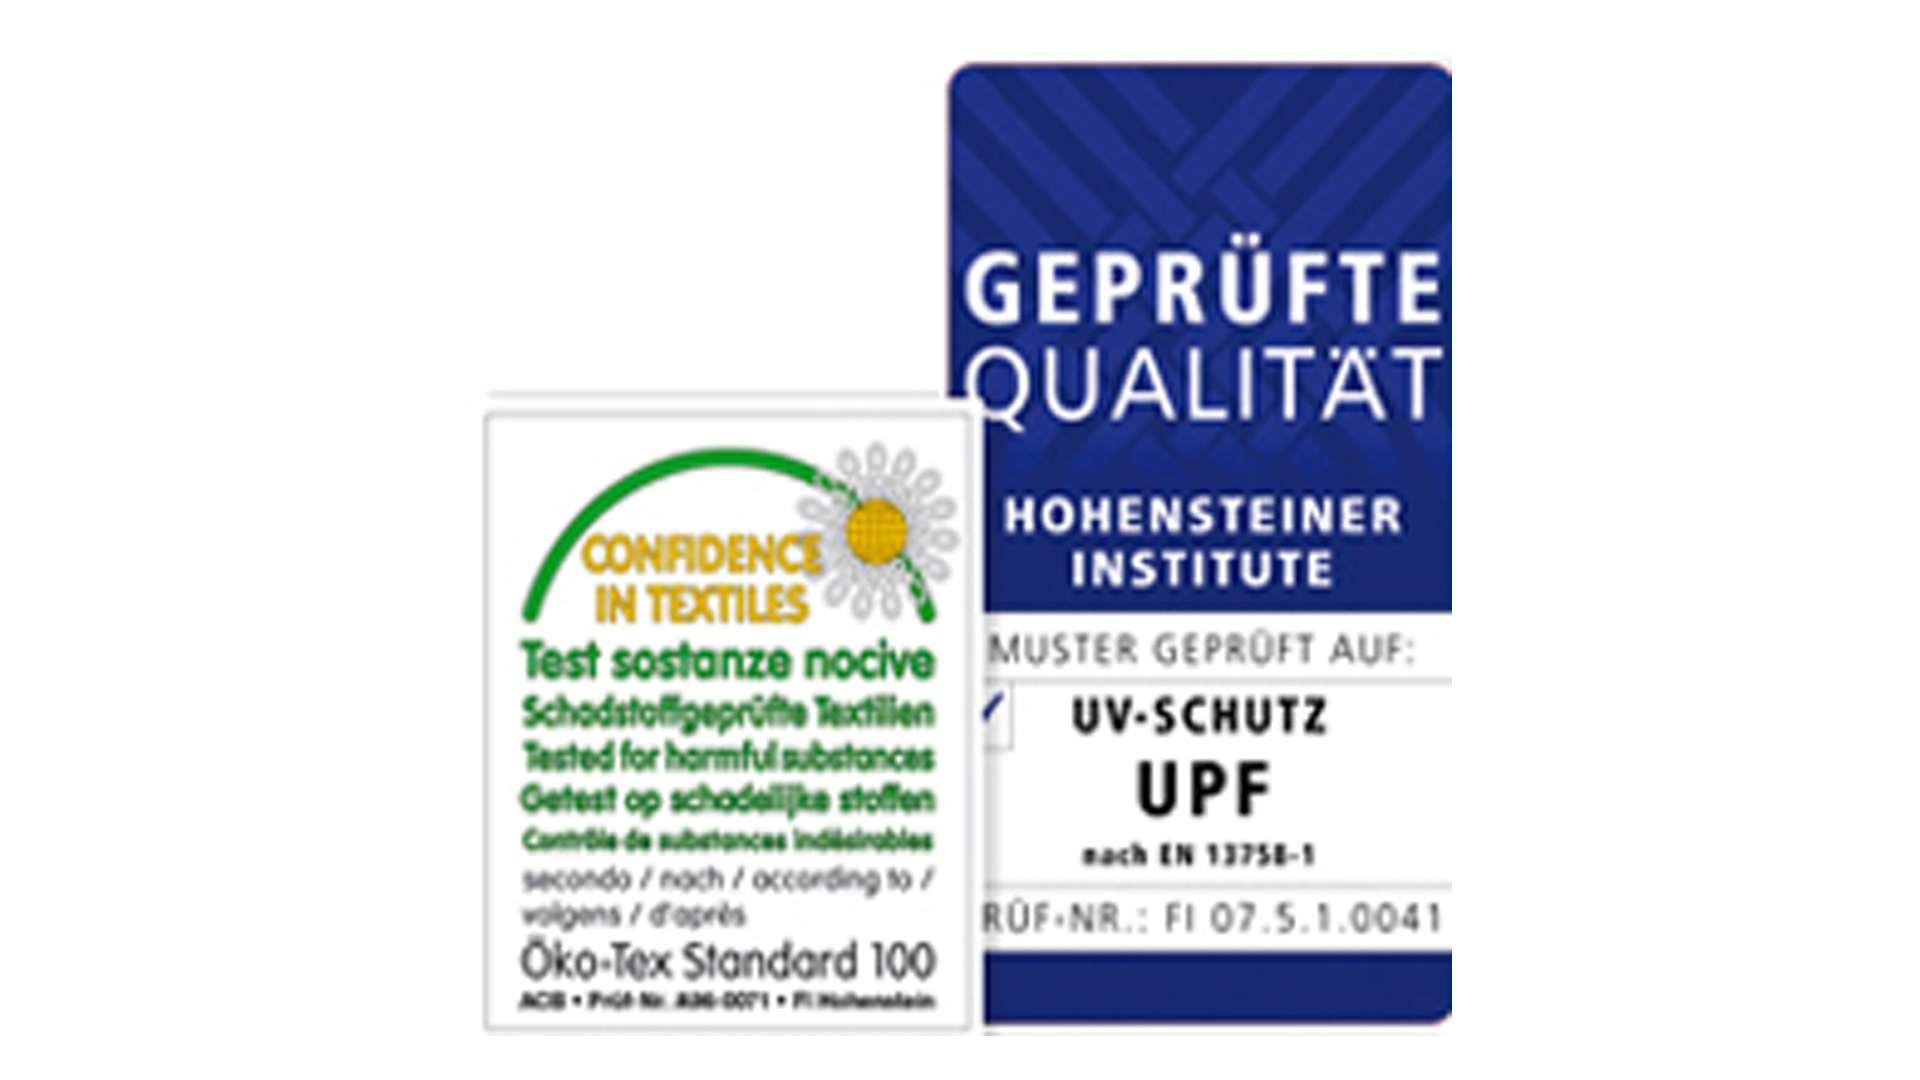 UV-Schutz Qualitäts-Siegel